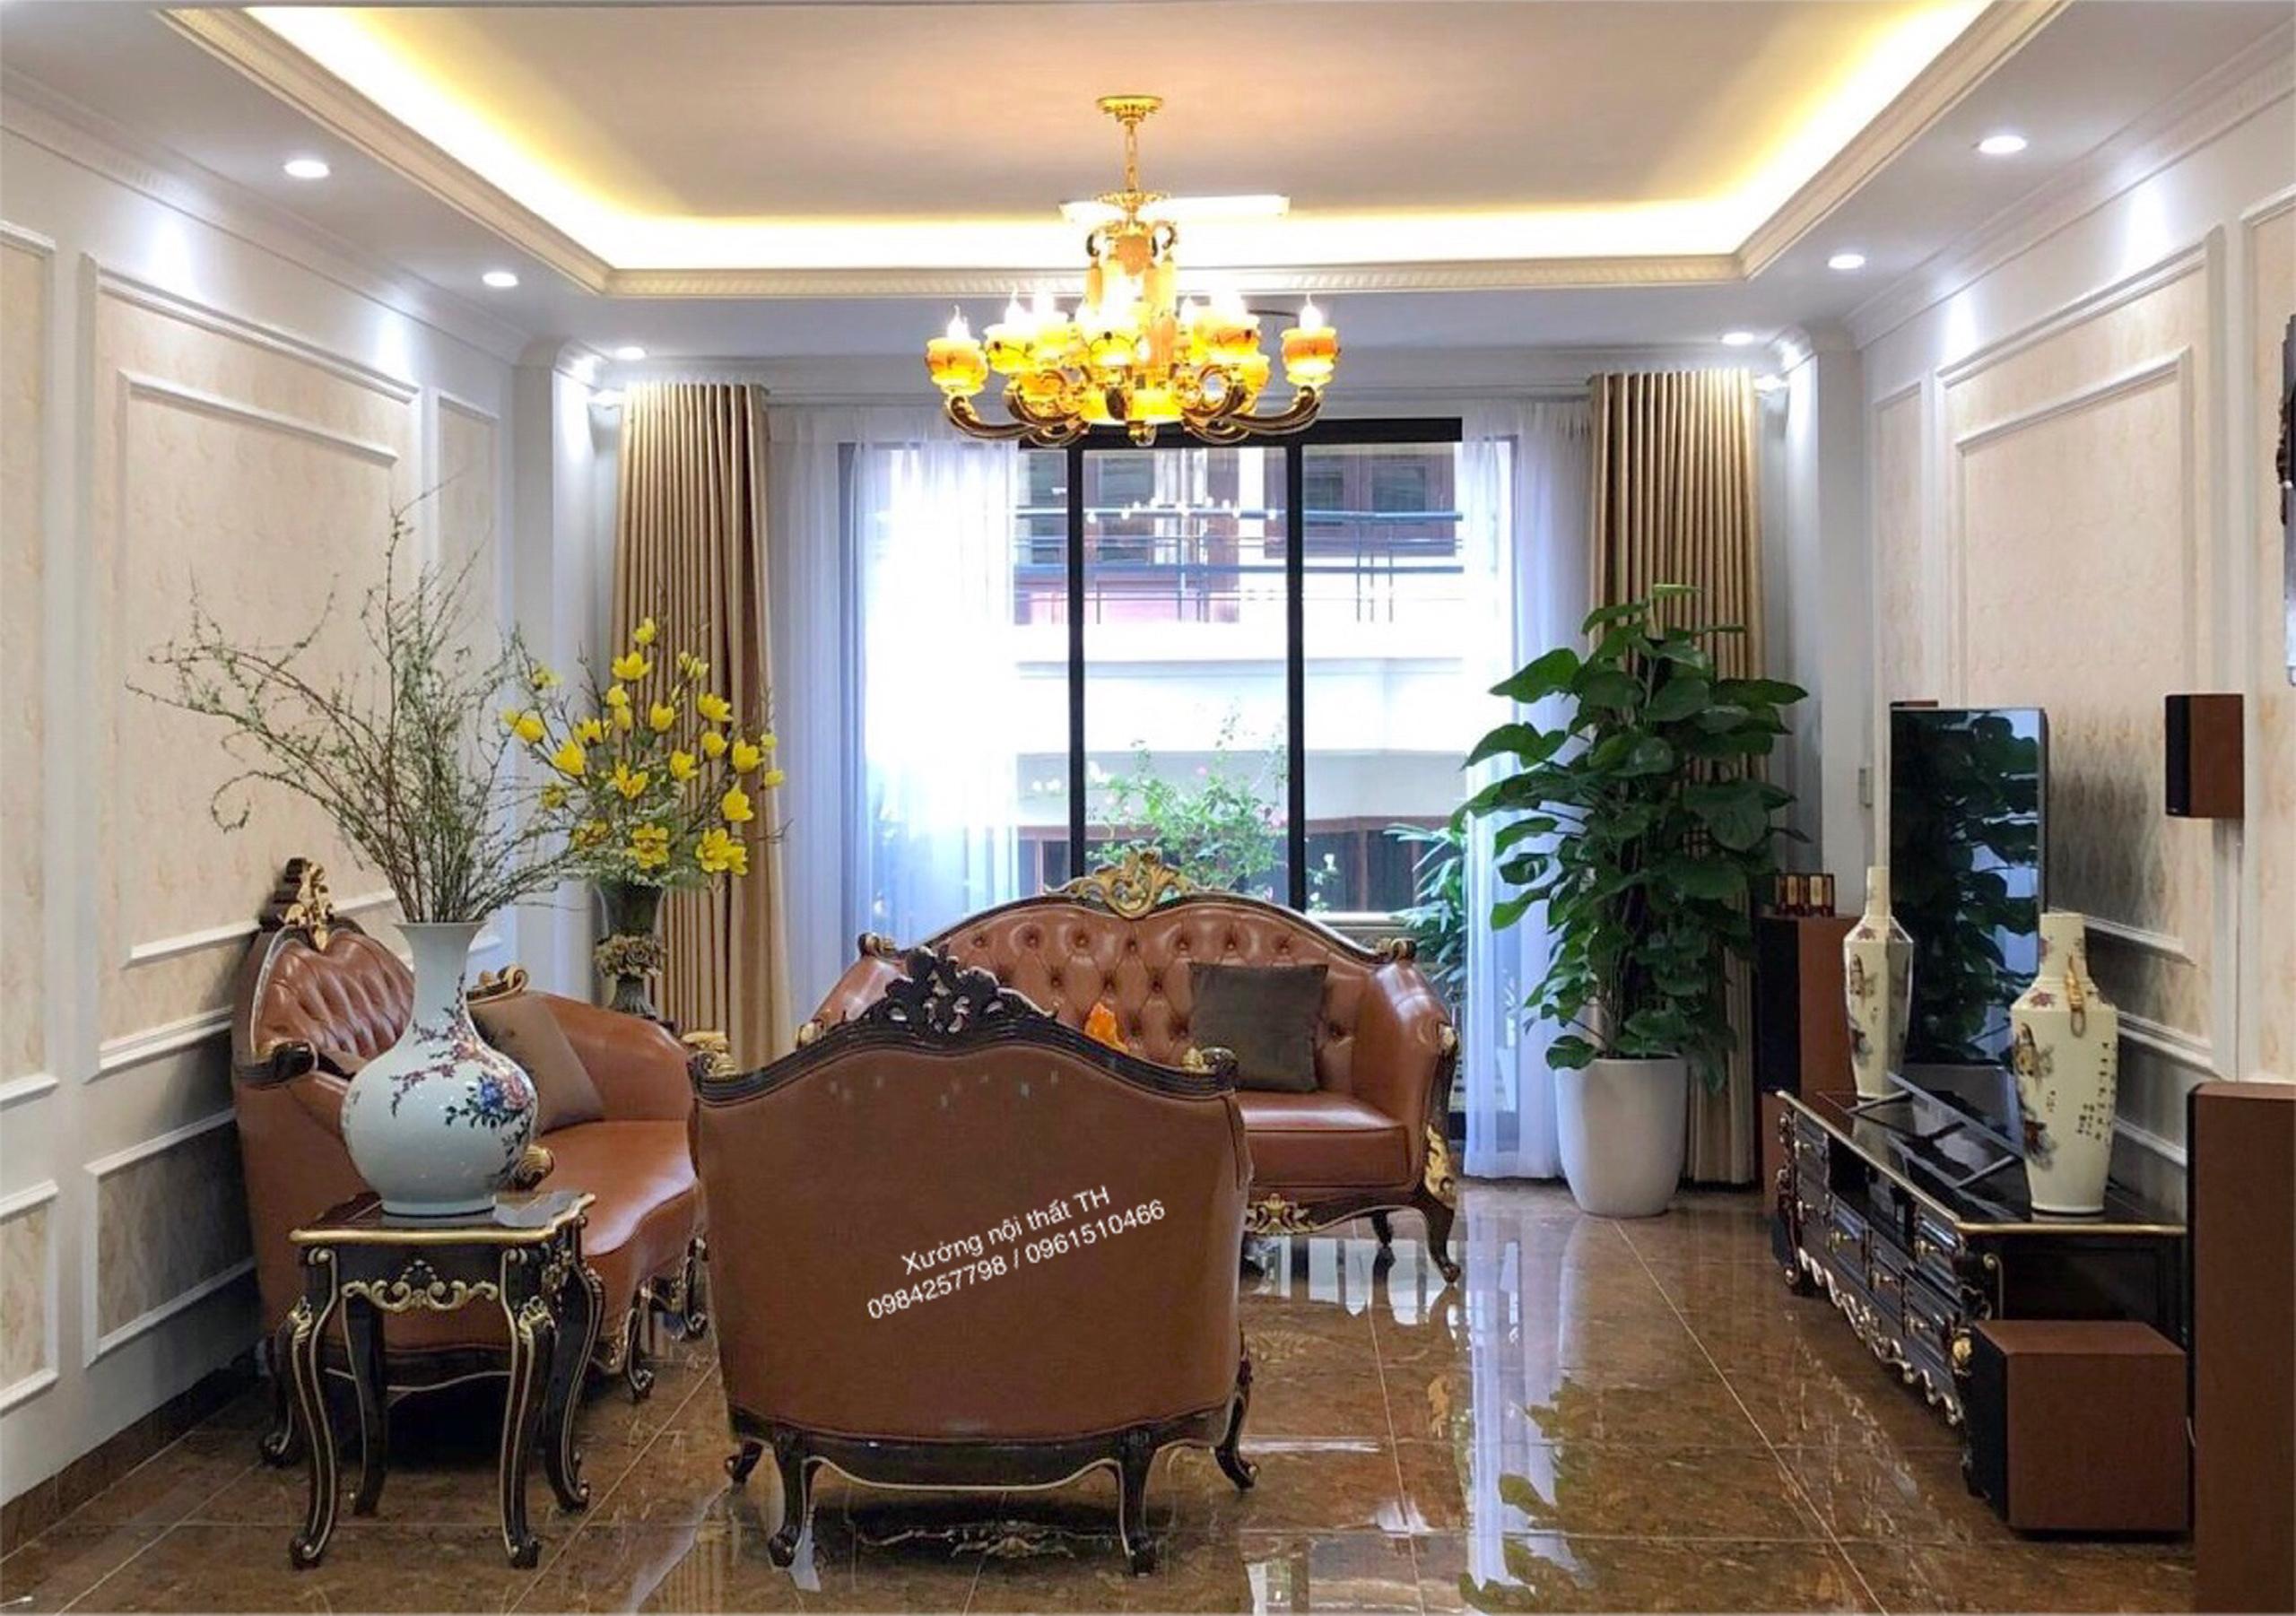 Sản Xuất Và Lắp Đặt Nội Thất Gỗ Gõ Đỏ Biệt Thự Nhà Anh Mạnh tại Nguyễn Khang